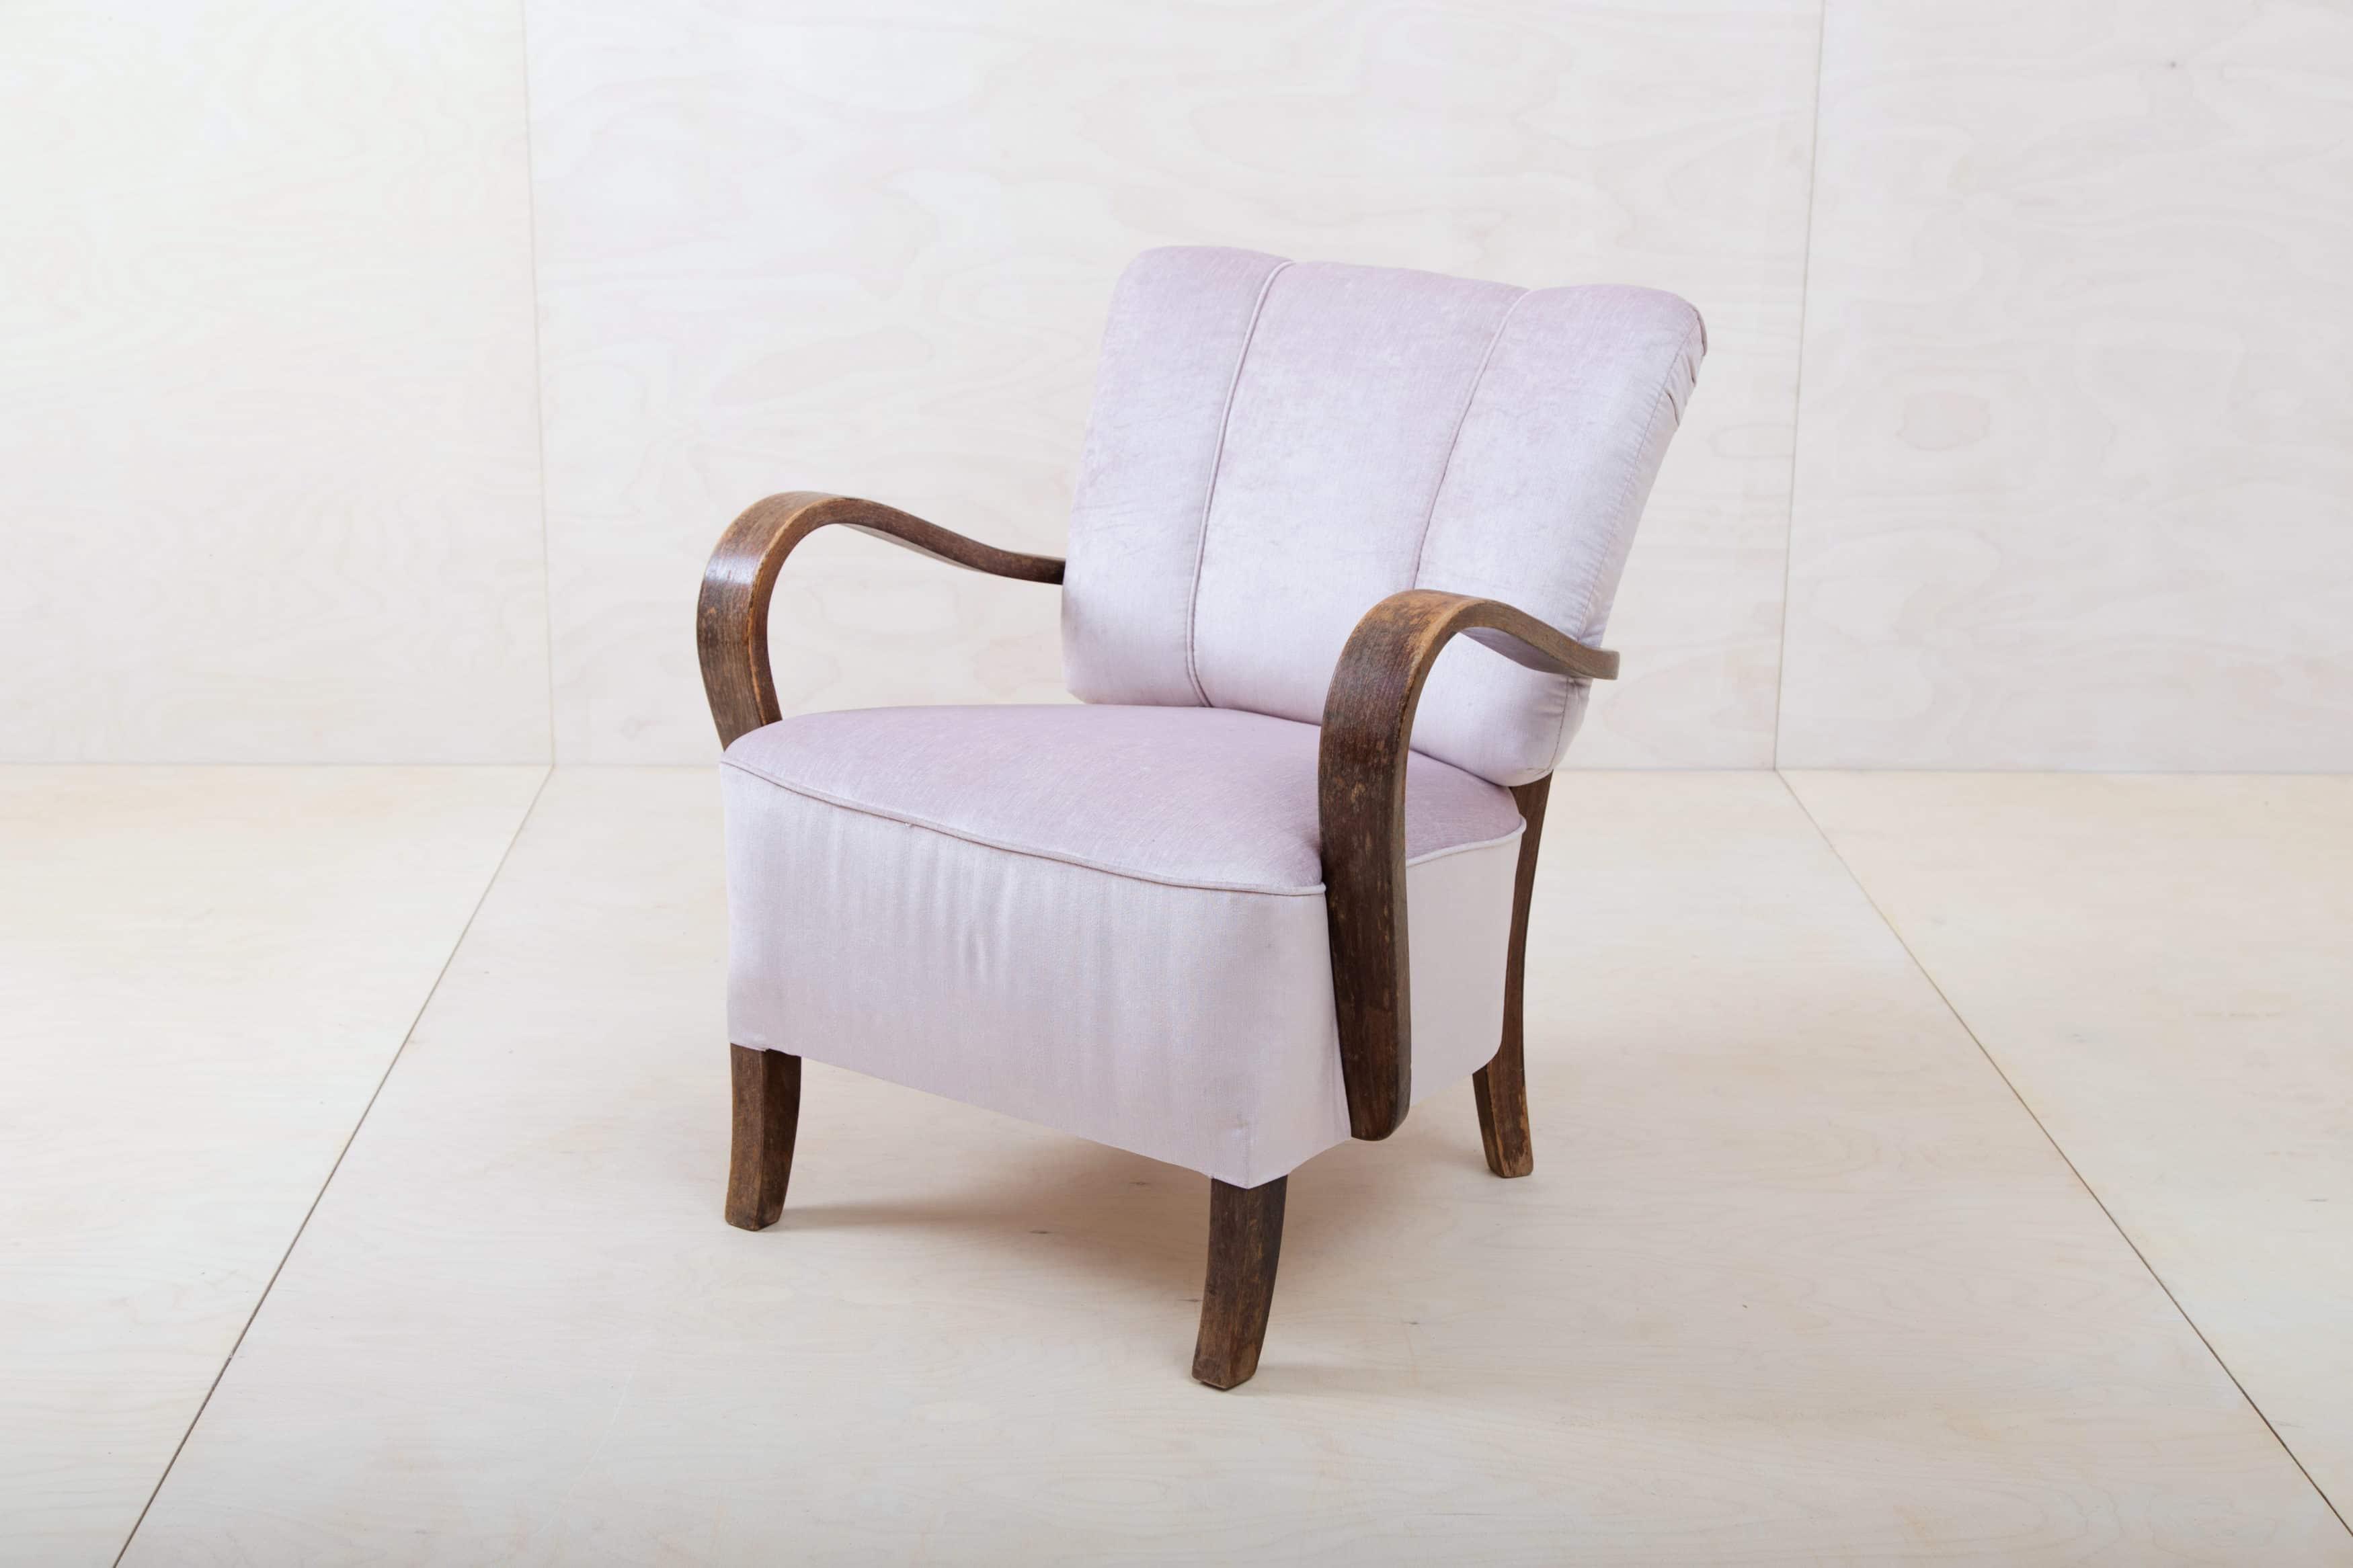 Vermietung von Sesseln, Clubsesseln Armlehnenstühlen